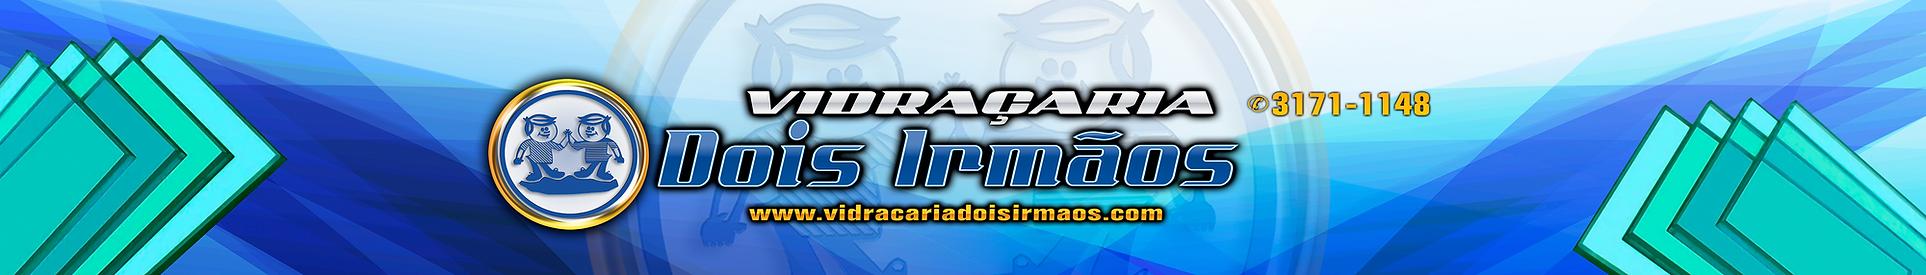 2_Irmãos_arquivo_site.png